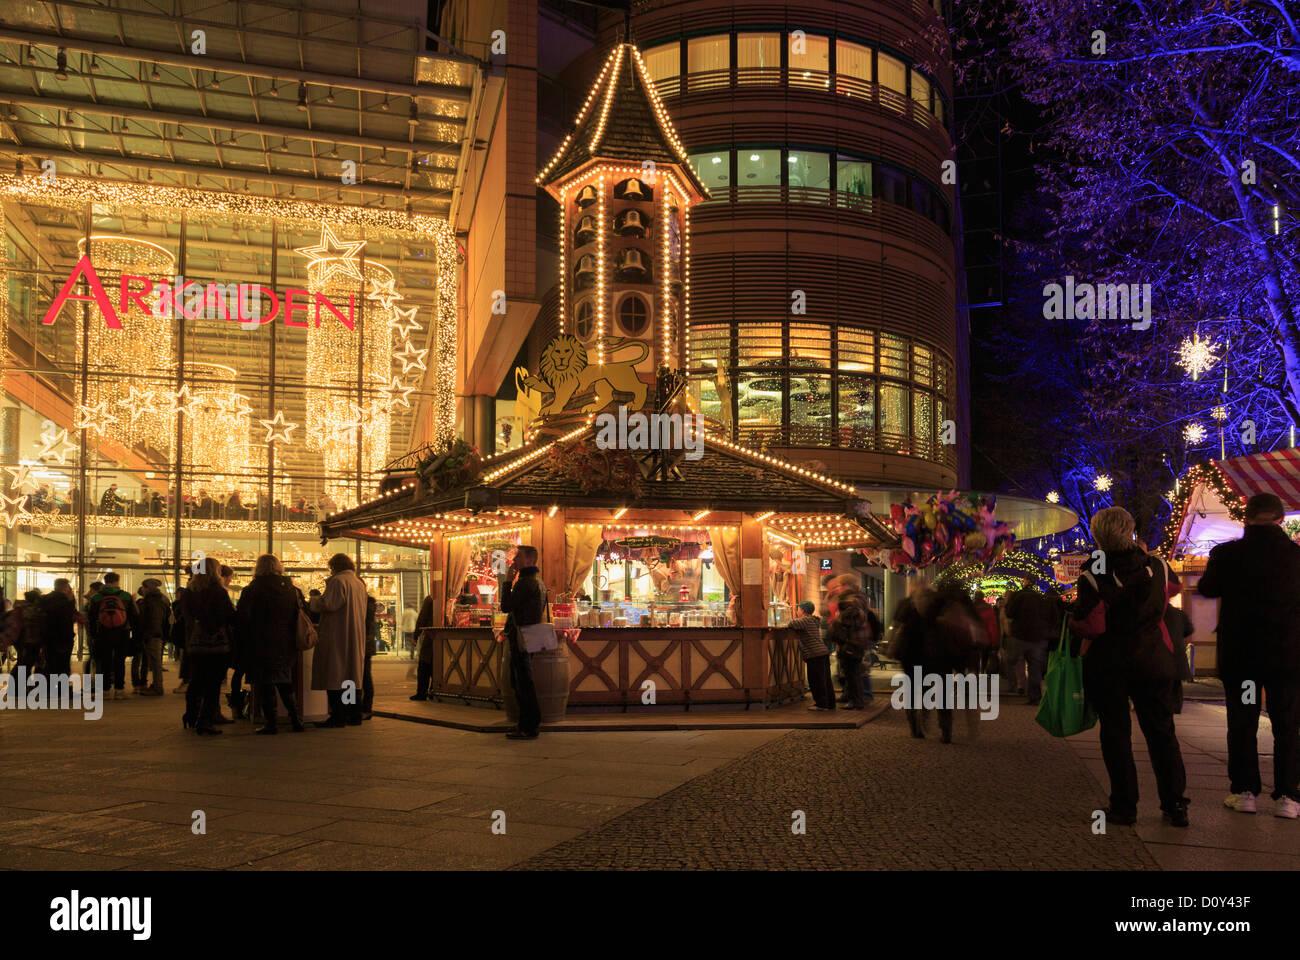 Traditioneller Weihnachtsmarkt Stände beleuchtet durch Eintritt in den Arkaden Einkaufszentrum in der Nacht Stockbild